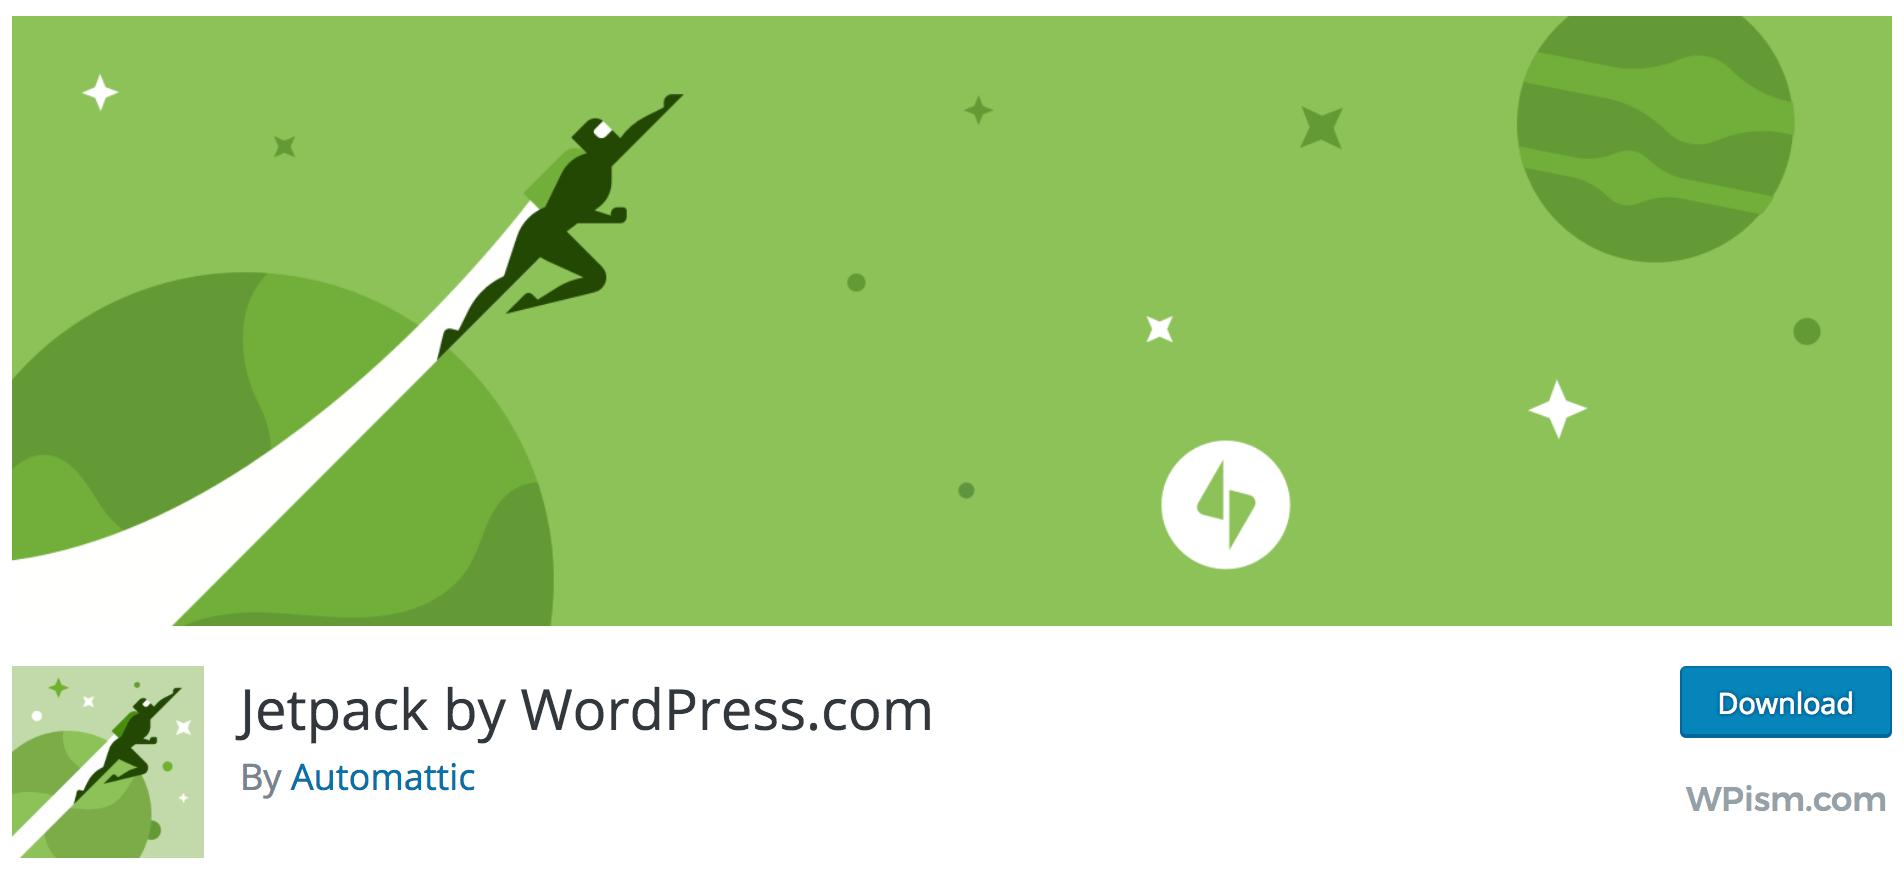 Jetpack WordPress Plugin Download Official repository